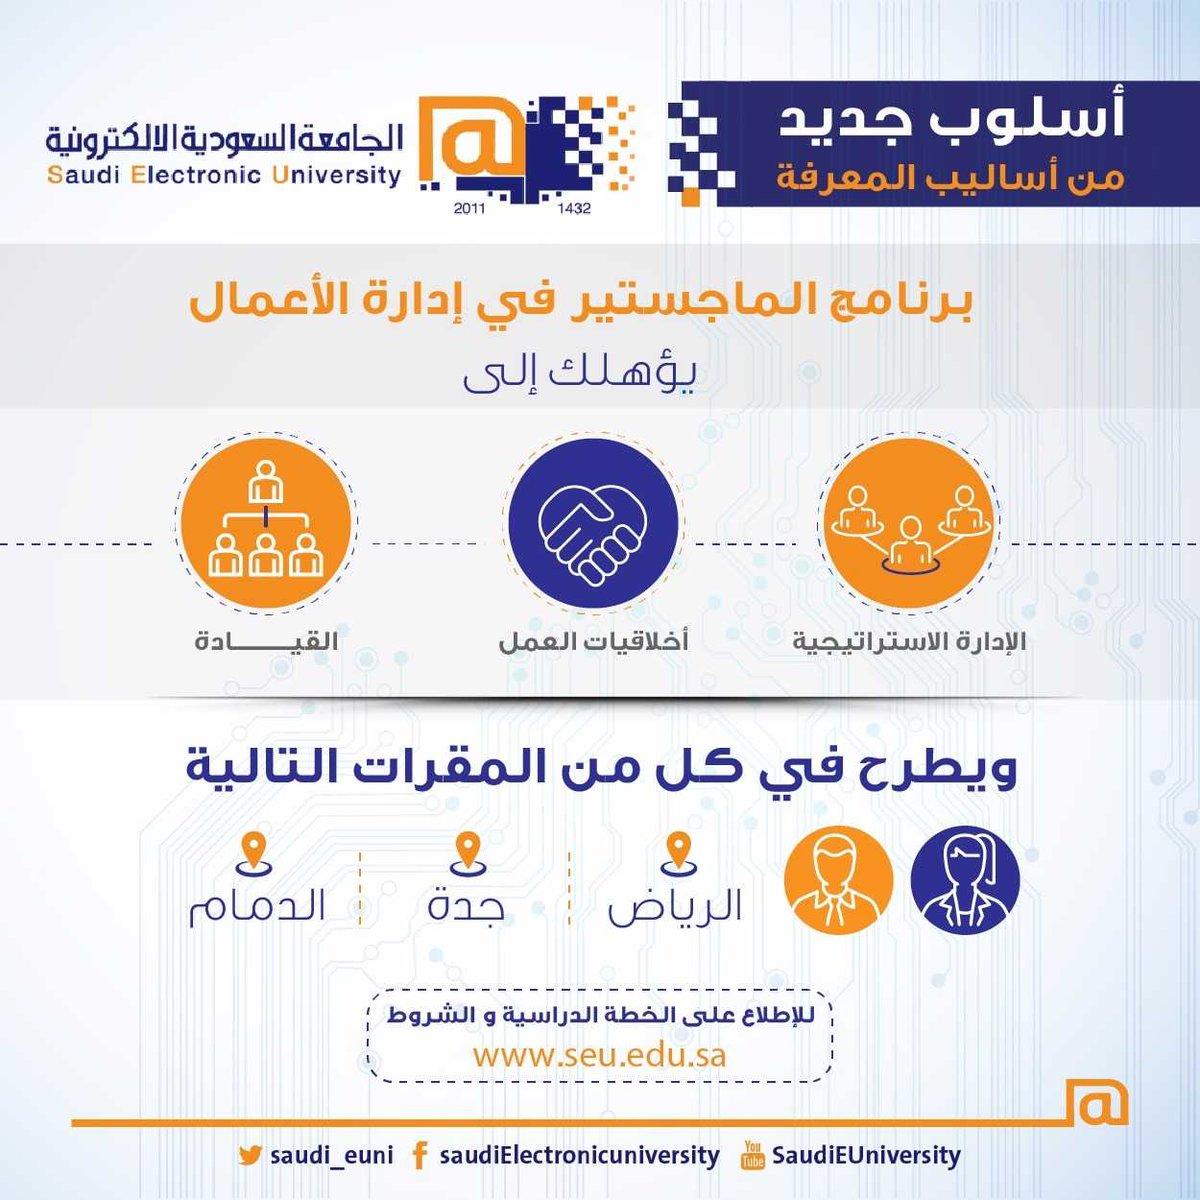 الجامعة السعودية الإلكترونية Twitterissa بدء مرحلة القبول بالجامعة السعودية الإلكترونية لبرنامج الماجستير لعام 1439 1440هـ في التخصصات التالية إدارة الأعمال أمن المعلومات إدارة الرعاية الصحية للطلاب والطالبات في كلا من الرياض